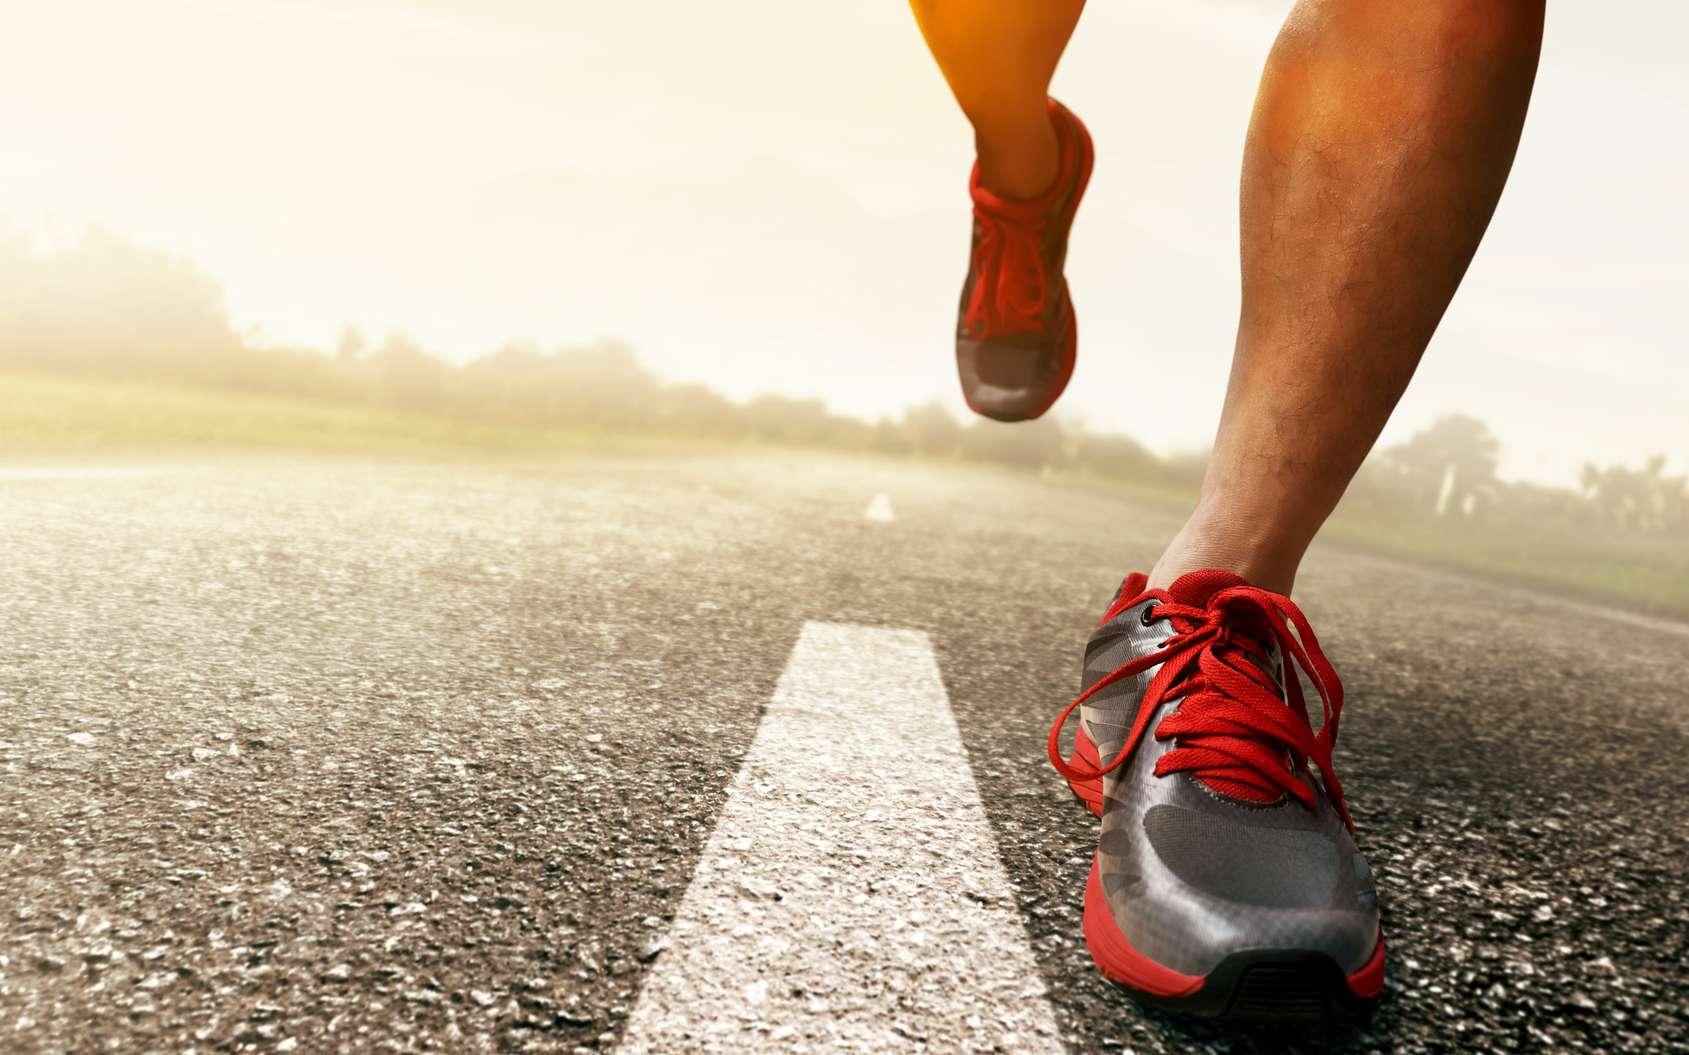 Les nouvelles chaussures de running sont-elles plus performantes? © fotokitas, fotolia